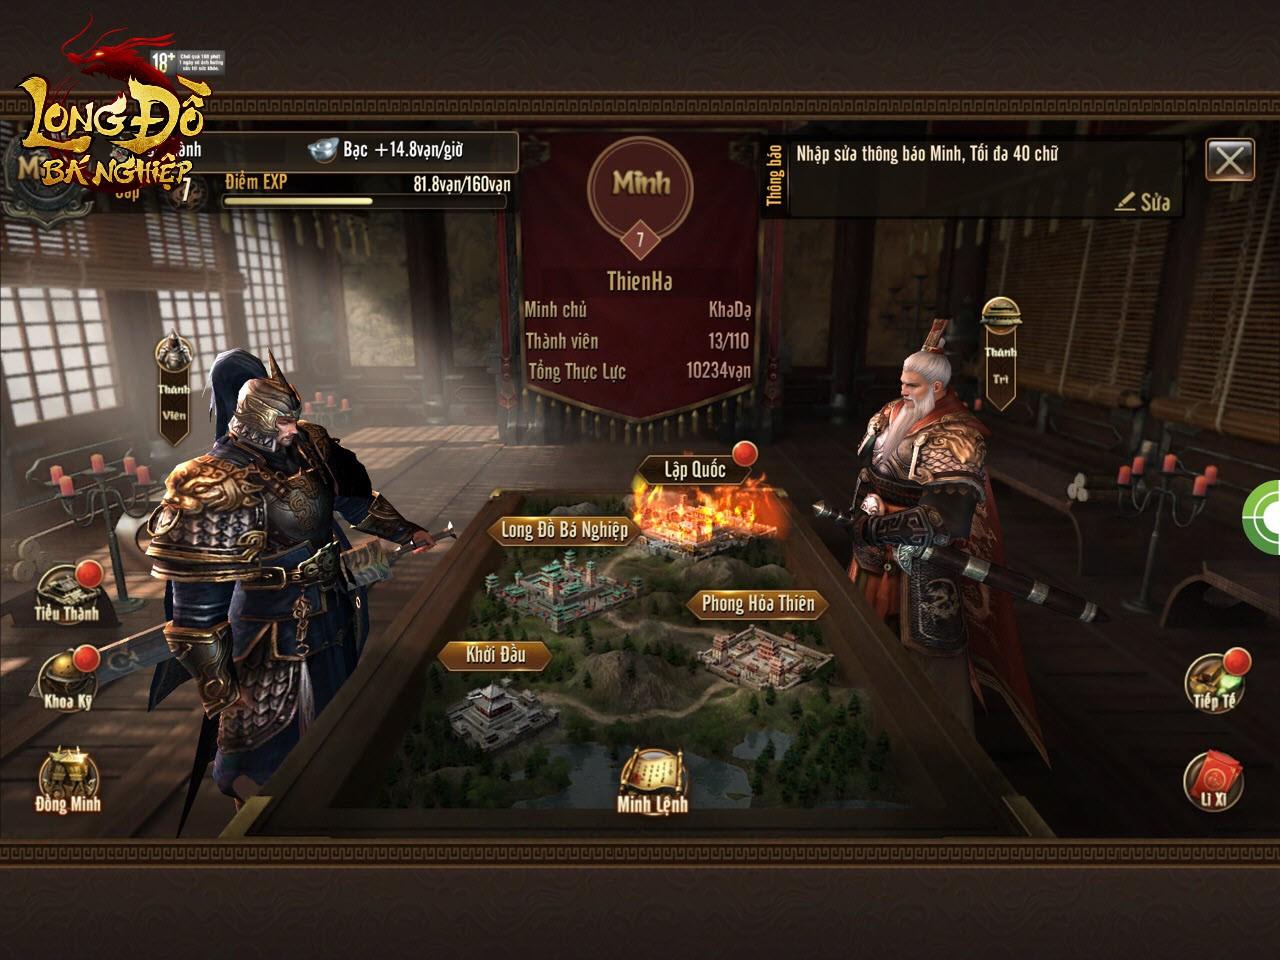 Bom tấn chiến thuật SLG Top 1 Châu Á Long Đồ Bá Nghiệp chính thức ra mắt landing, Open Beta 22/01 - Ảnh 6.